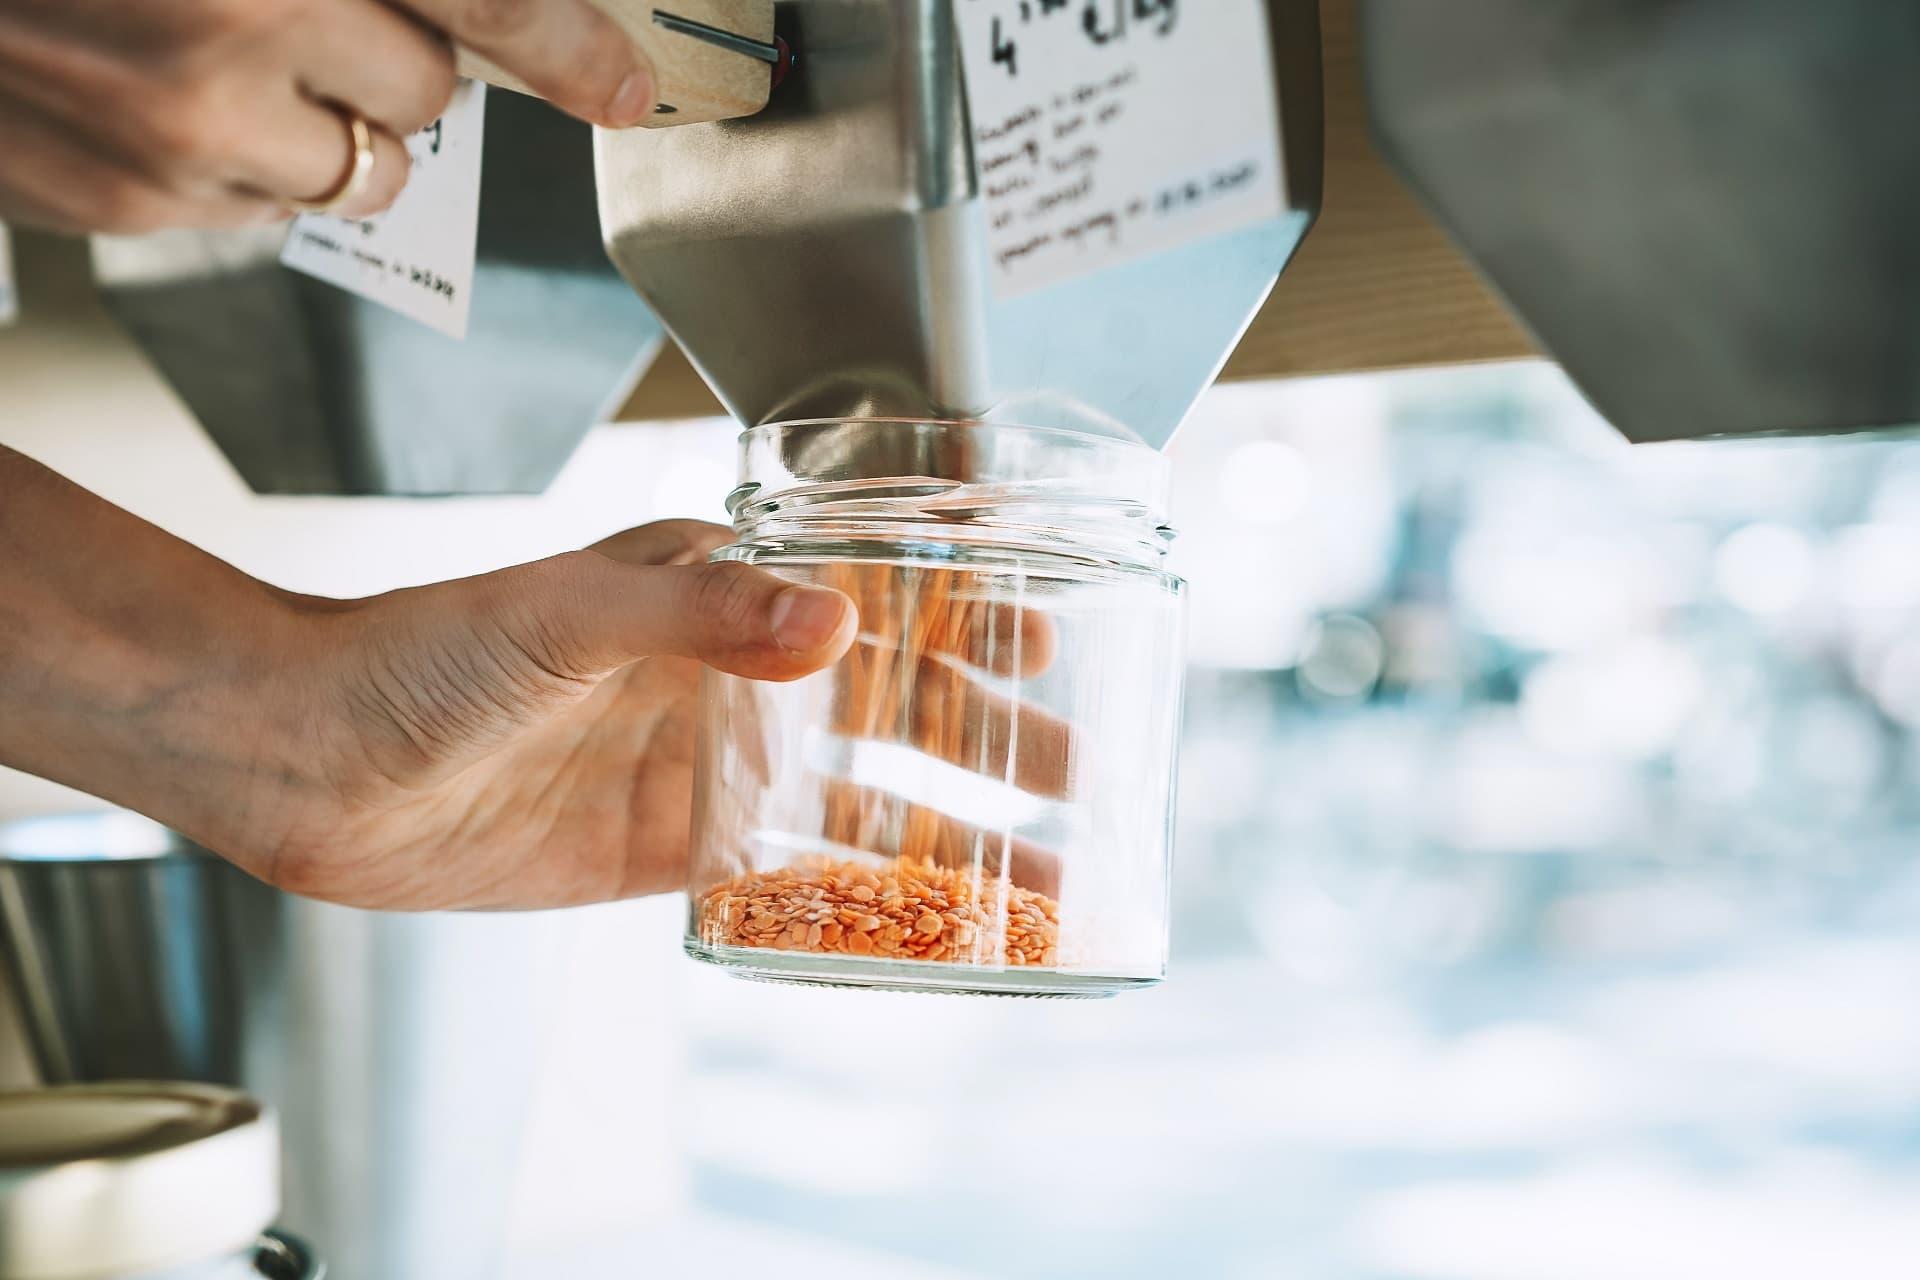 Linsen werden in ein Schraubglas abgefüllt